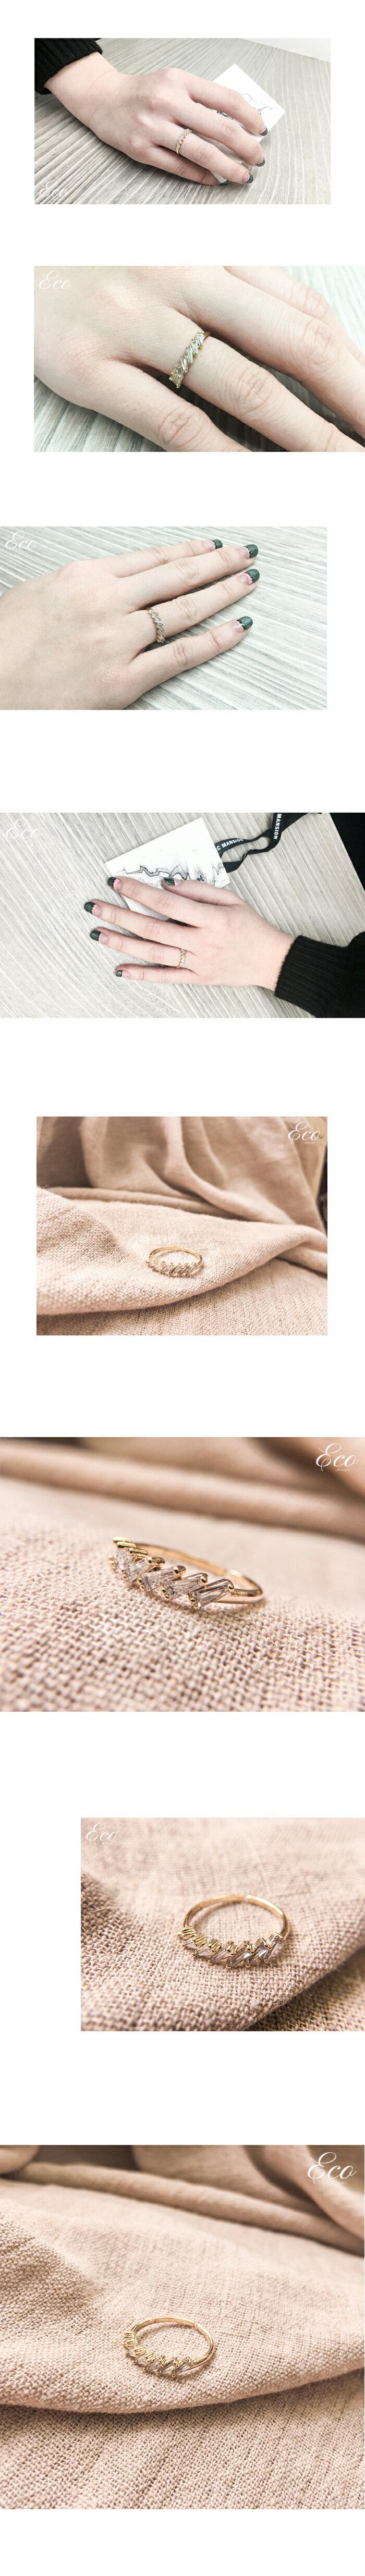 韓國飾品,韓國戒指,鑽石戒指,簡單戒指,氣質戒指,正韓飾品,韓貨戒指